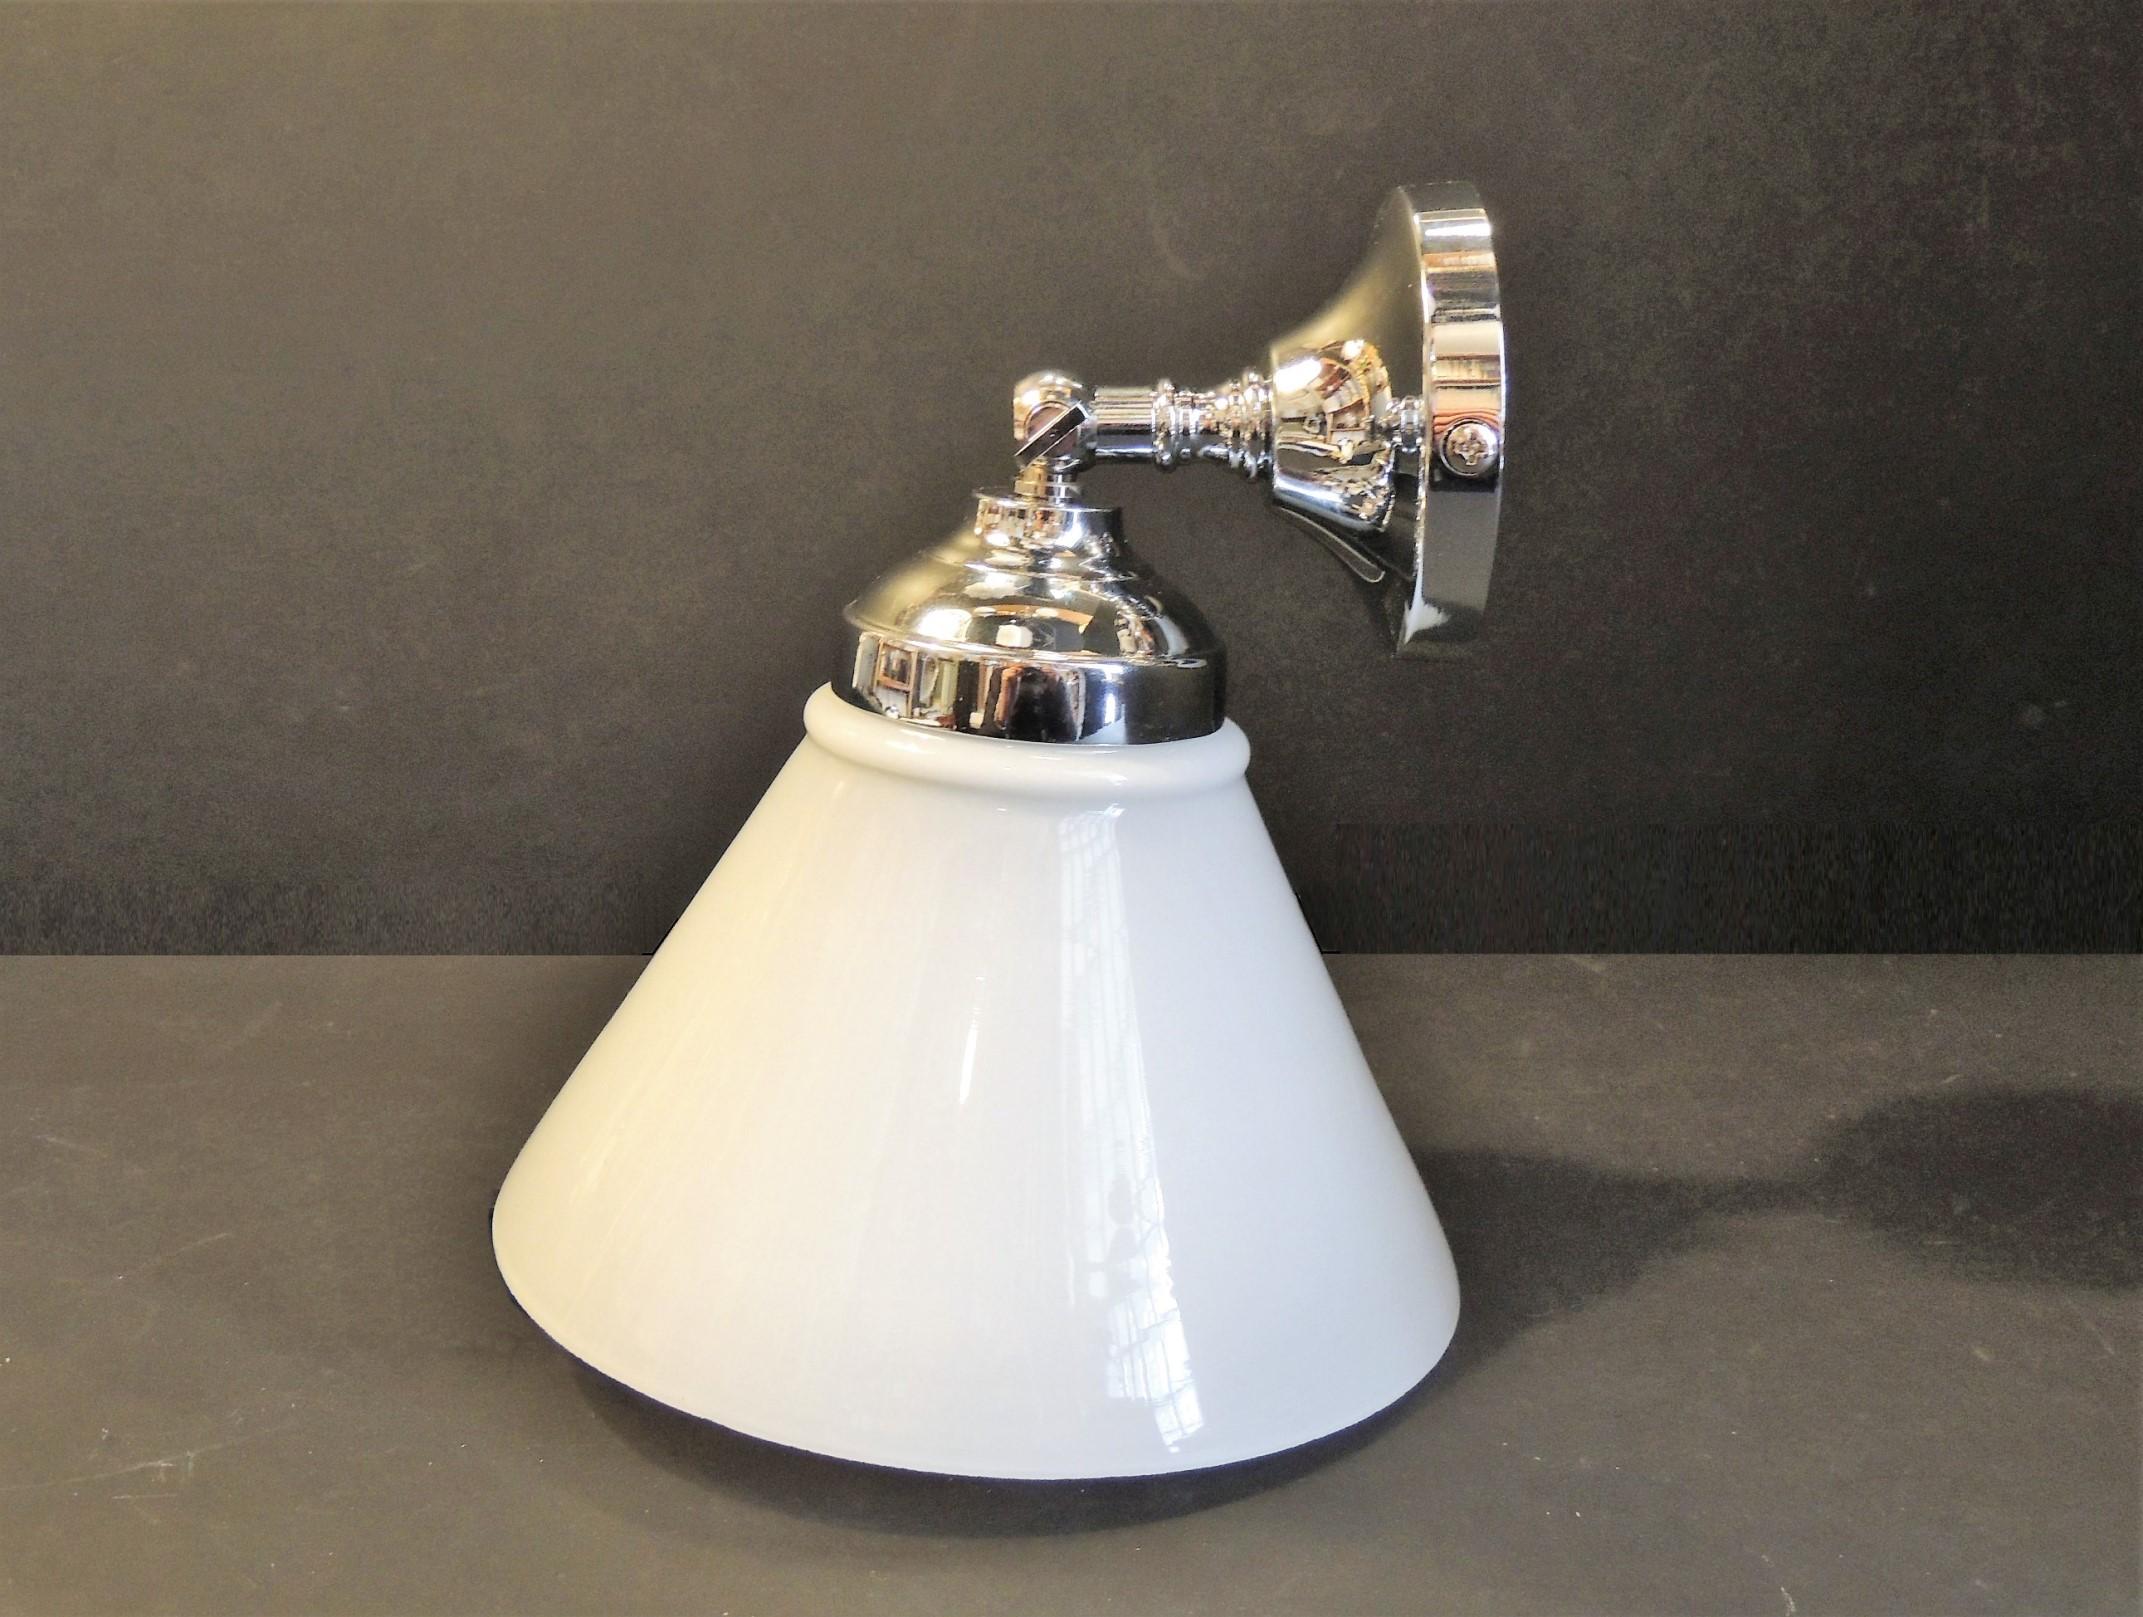 Lampade a parete applique snodo ottone cromato vetro cono bianco